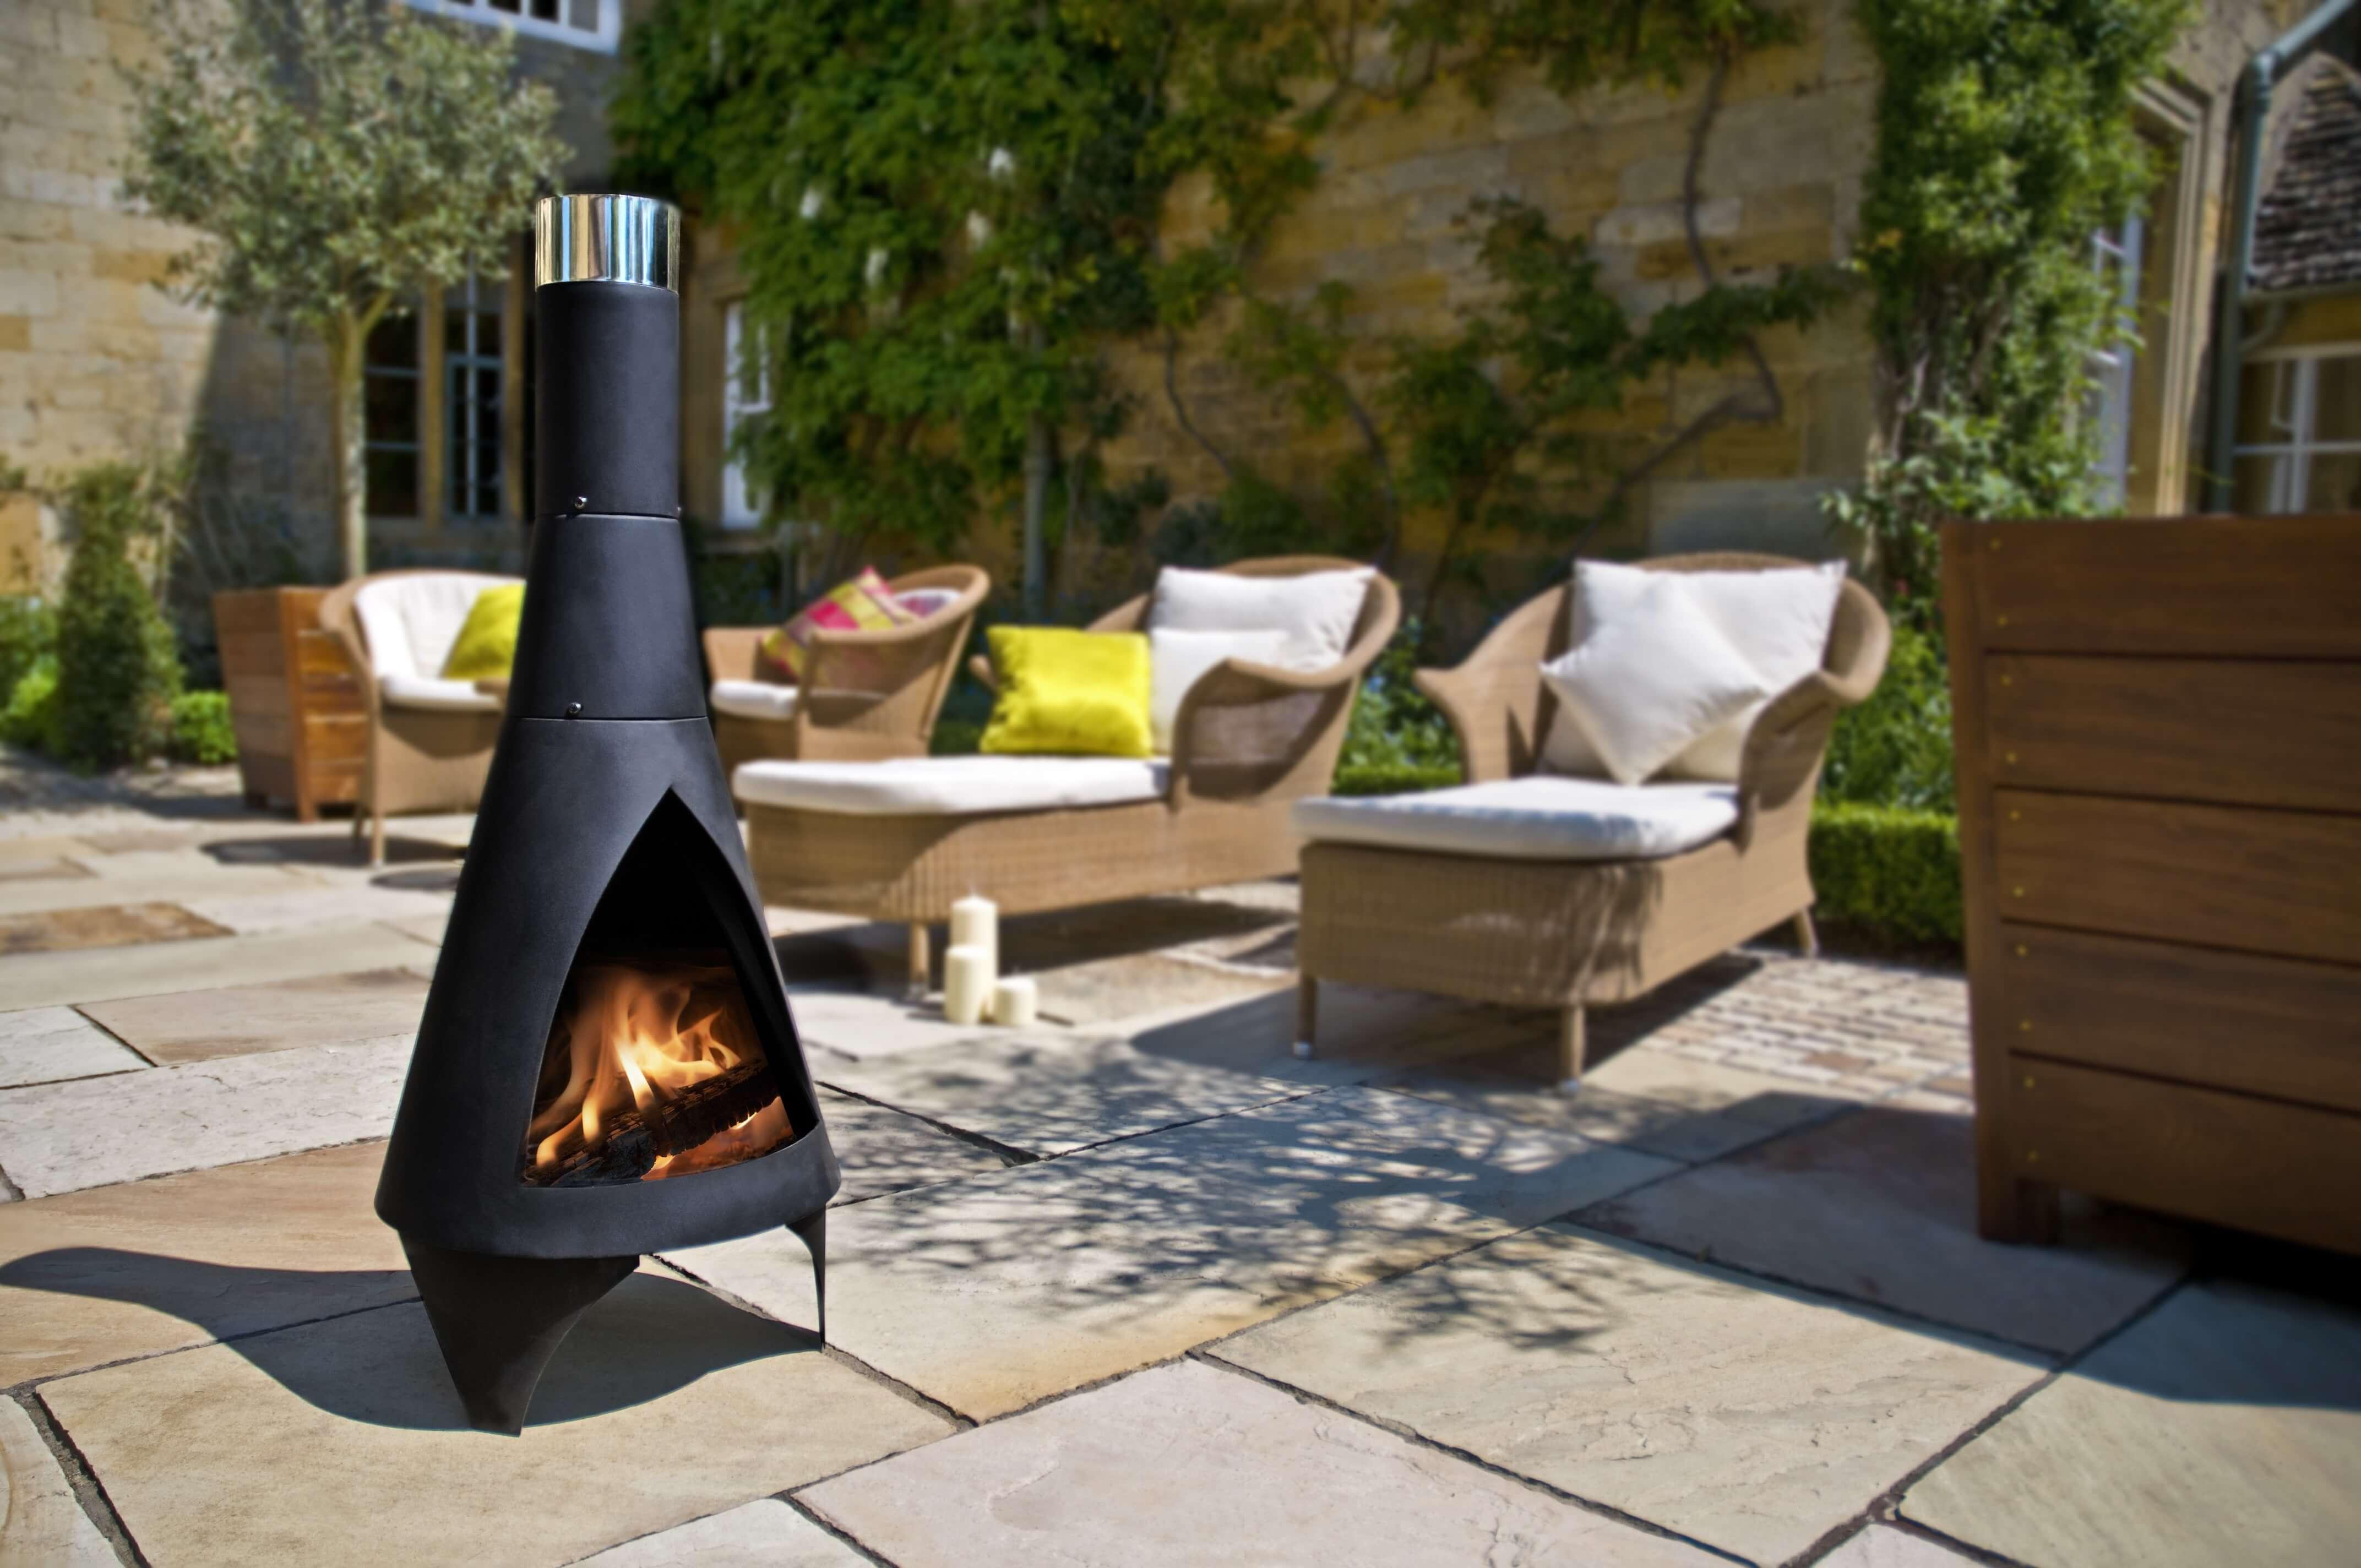 Terrassenofen günstig kaufen   20h Versand + Top Qualität